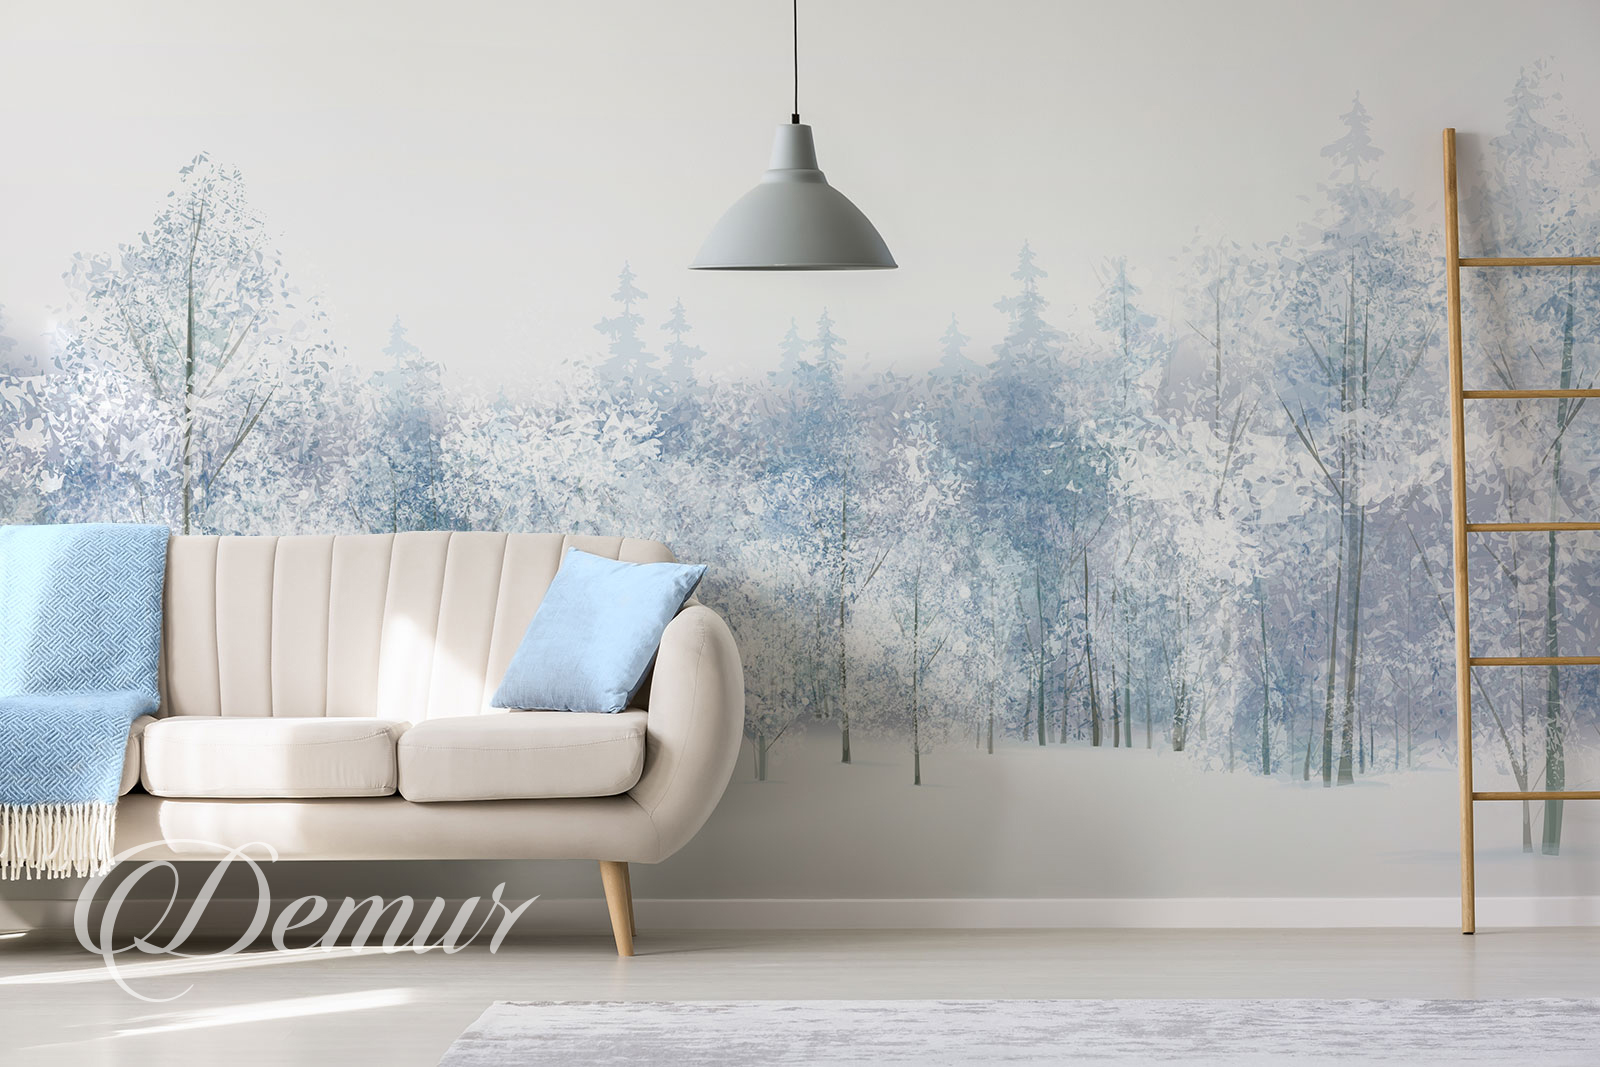 ściana W Salonie Pomysły Na Dekorację Demur Blog